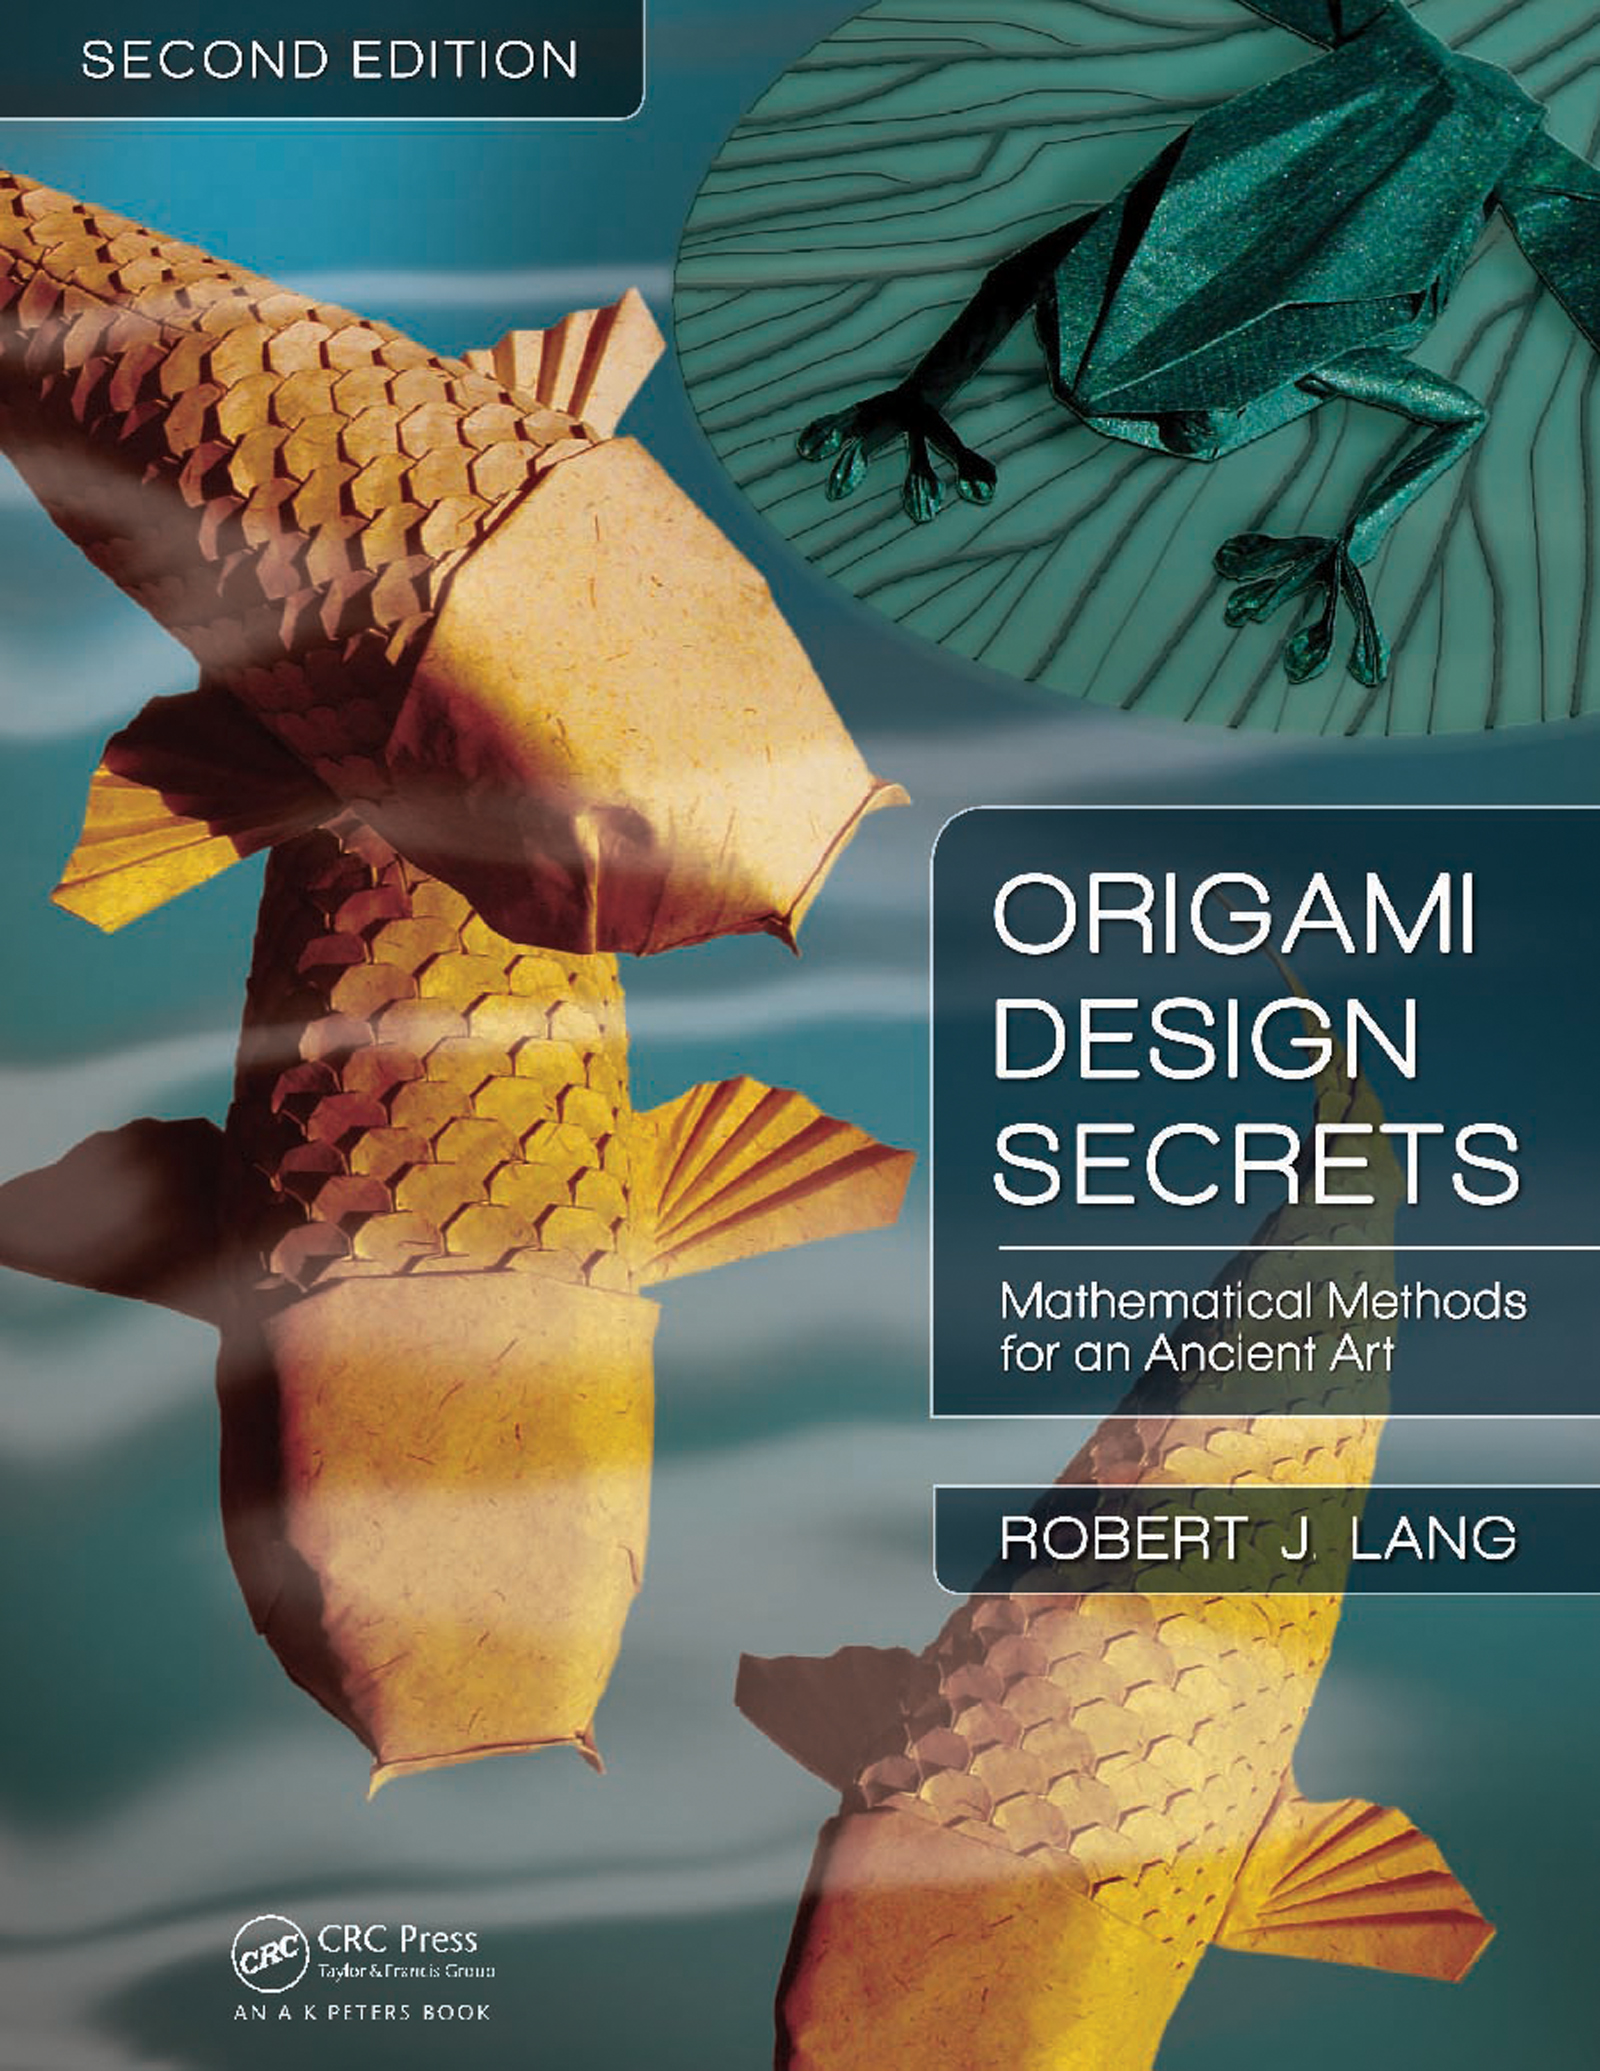 Origami Design Secrets